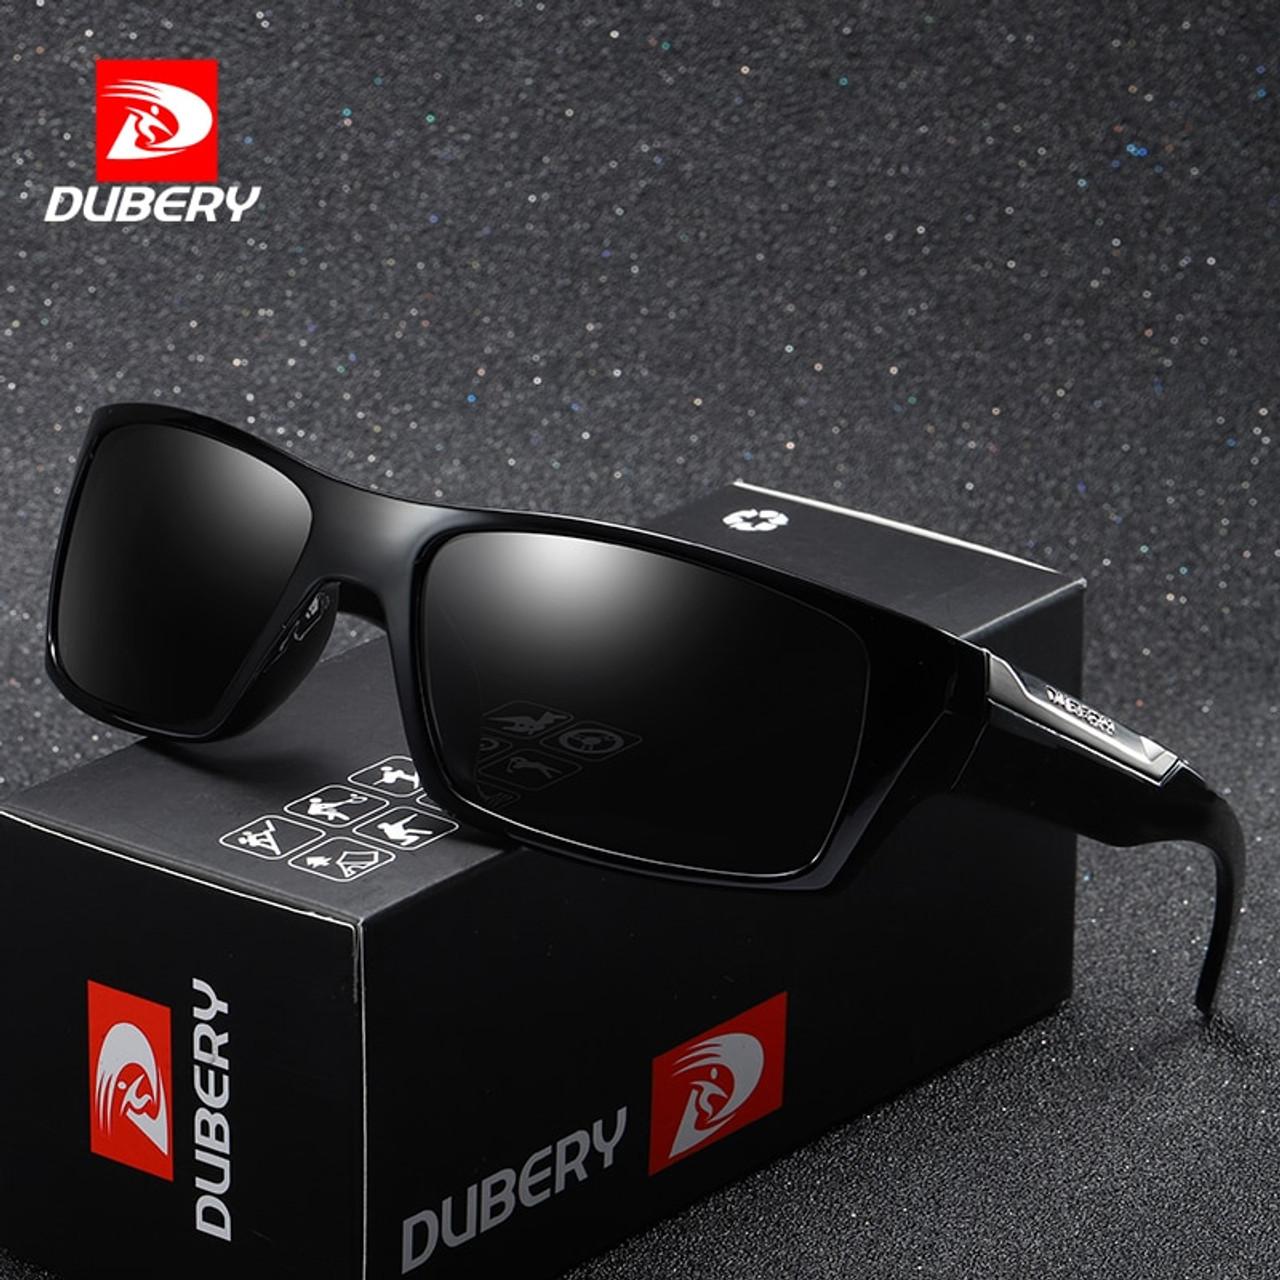 dff954a60b ... DUBERY Brand Design Polarized Sunglasses Men Driving Shades Male Retro  Sun Glasses For Men Summer Mirror ...